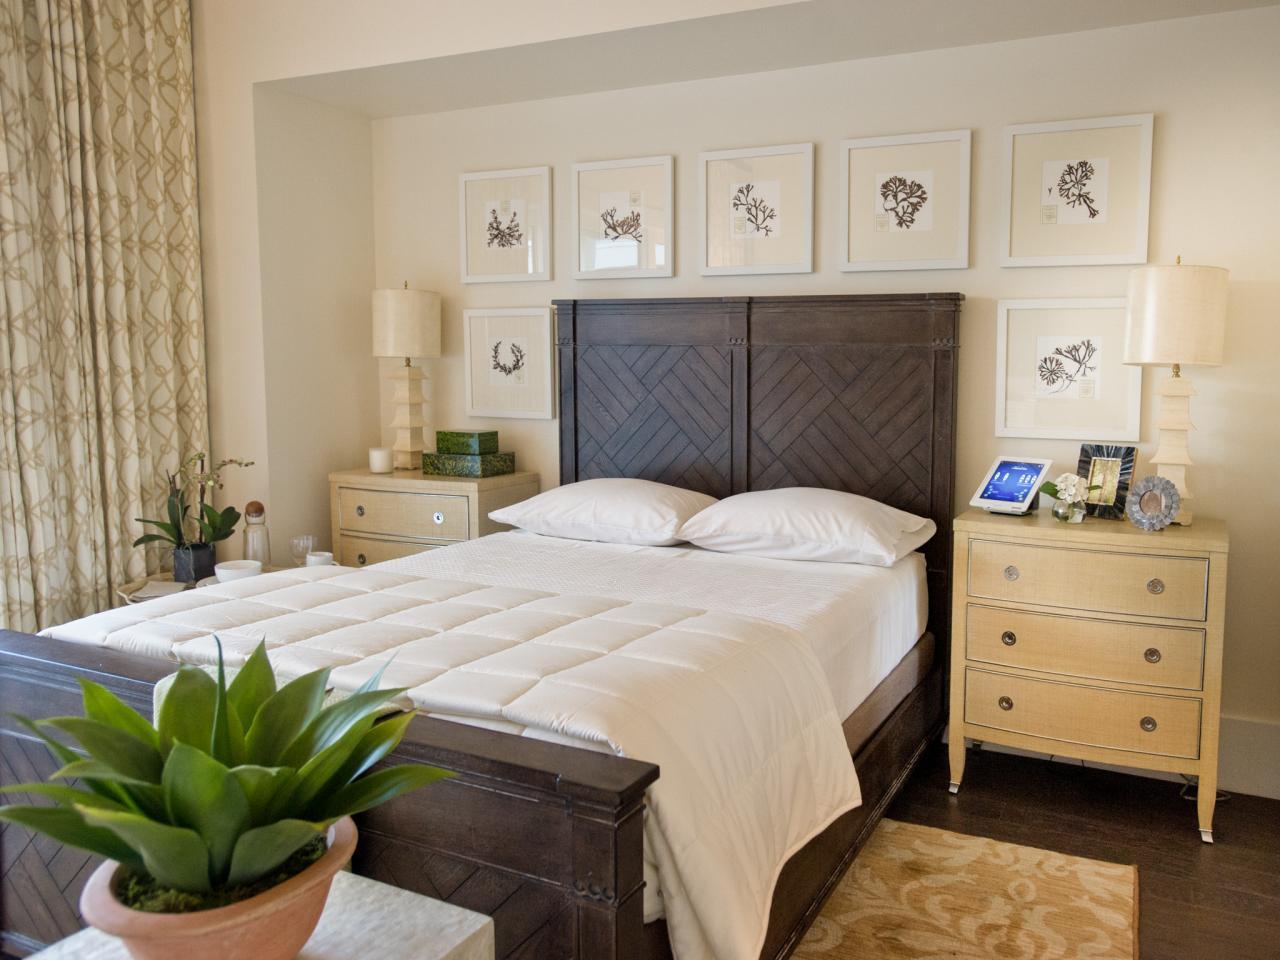 Master Bedroom Color Amusing Bedroom Color Schemes